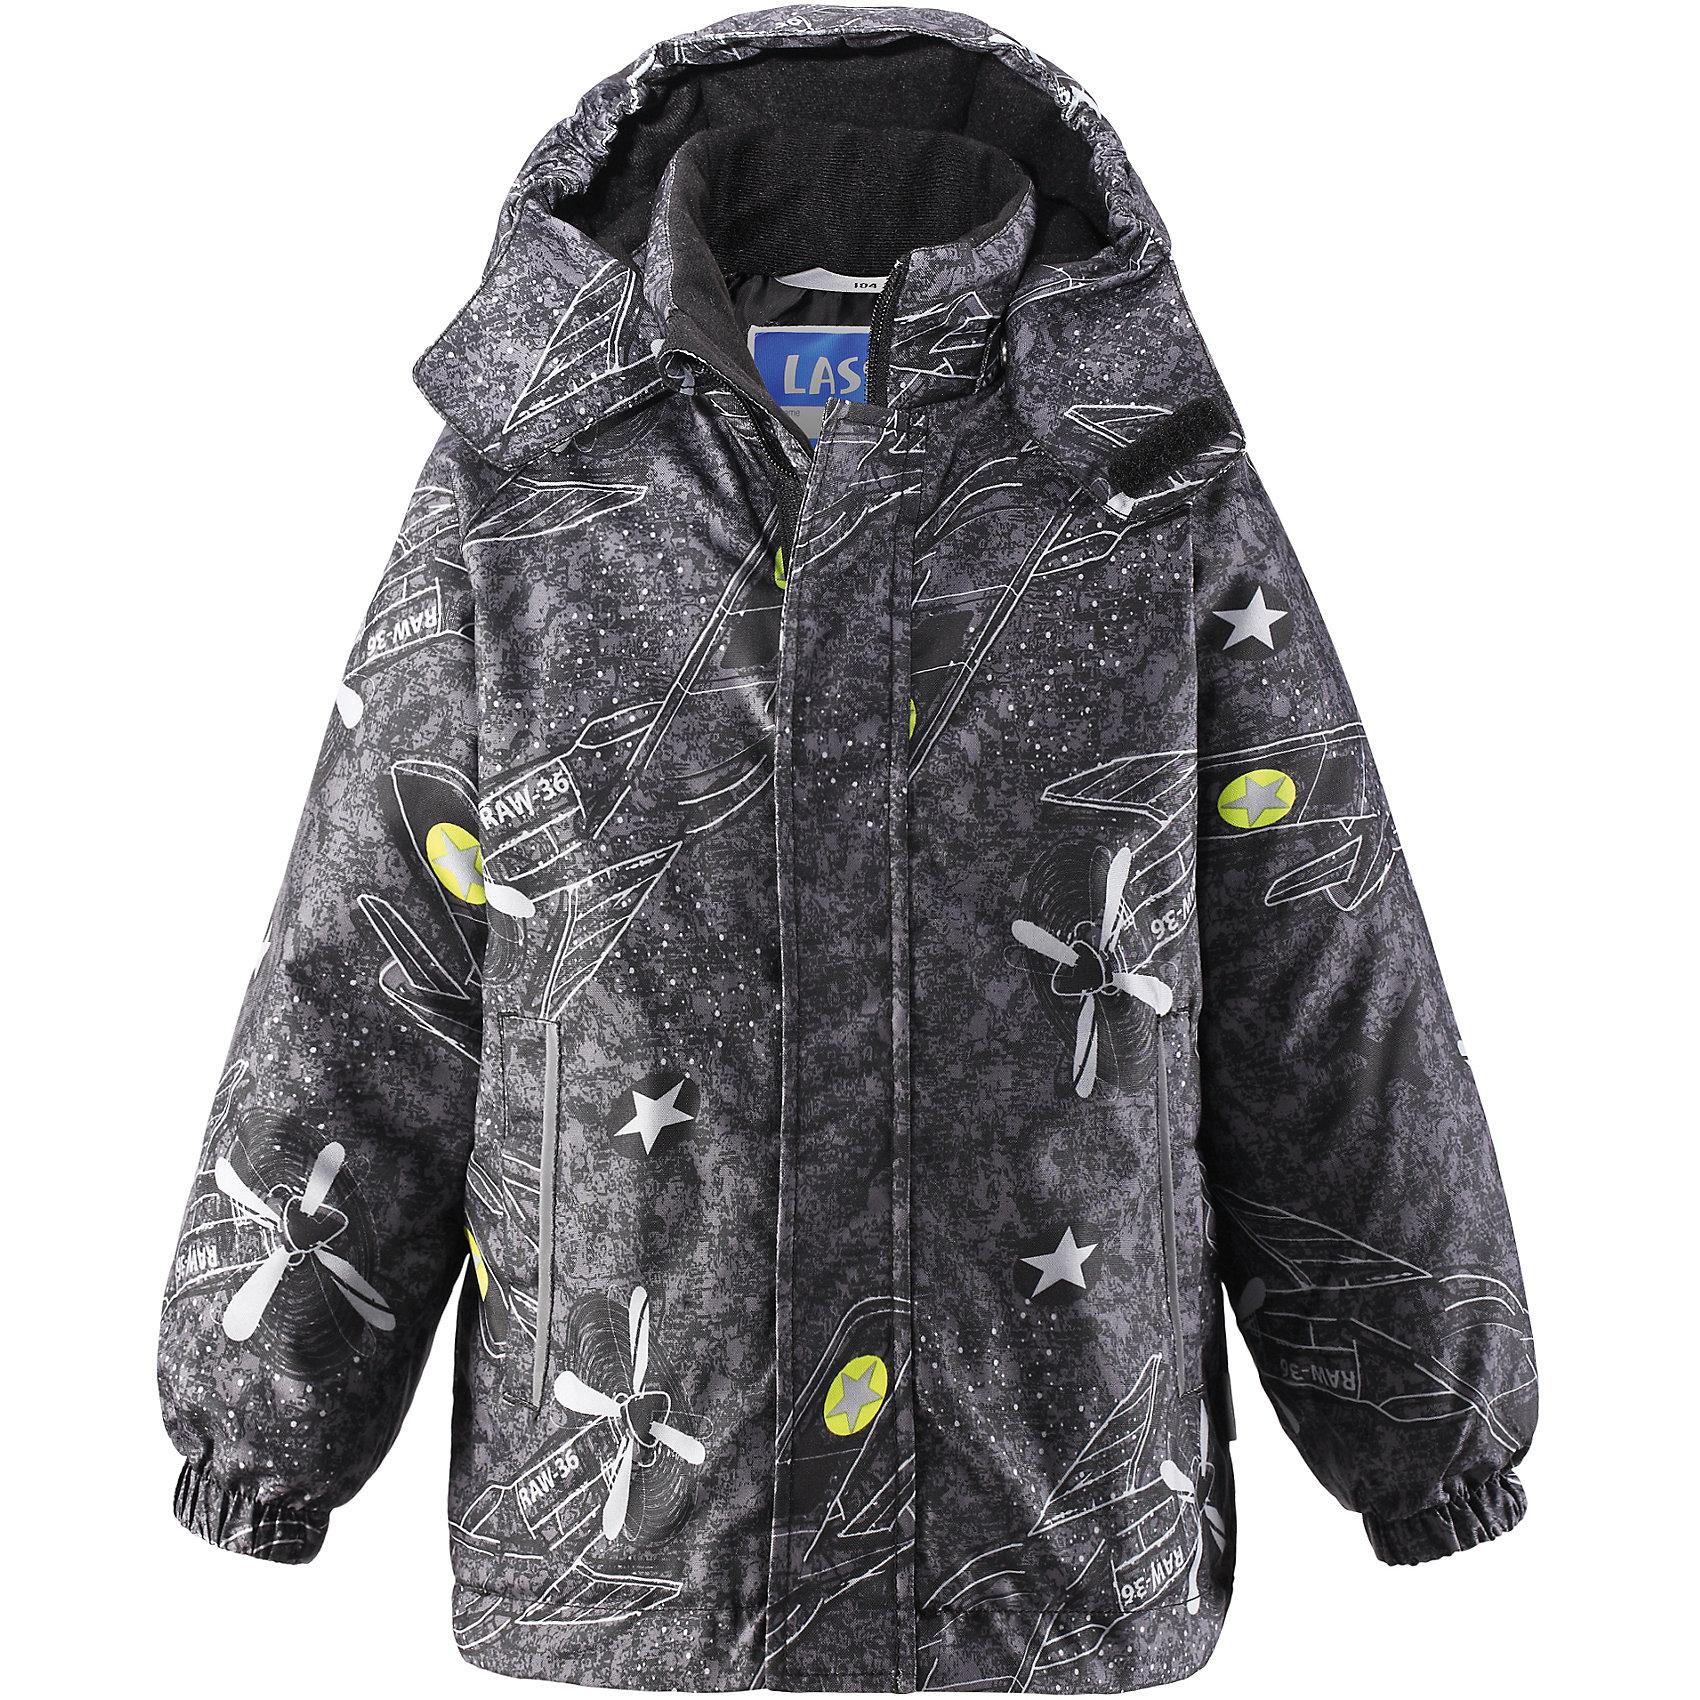 Куртка для мальчика LASSIEОдежда<br>Зимняя куртка для детей известной финской марки.<br><br>- Прочный материал. Водоотталкивающий, ветронепроницаемый, «дышащий» и грязеотталкивающий материал. <br>- Крой для девочек. <br>- Гладкая подкладка из полиэстра.<br>- Средняя степень утепления.<br>-  Безопасный, съемный капюшон. <br>- Эластичные манжеты. Карманы в боковых швах.<br>-  Принт по всей поверхности.  <br><br>Рекомендации по уходу: Стирать по отдельности, вывернув наизнанку. Застегнуть молнии и липучки. Соблюдать температуру в соответствии с руководством по уходу. Стирать моющим средством, не содержащим отбеливающие вещества. Полоскать без специального средства. Сушение в сушильном шкафу разрешено при  низкой температуре.<br><br>Состав: 100% Полиамид, полиуретановое покрытие.  Утеплитель «Lassie wadding» 180гр.<br><br>Ширина мм: 356<br>Глубина мм: 10<br>Высота мм: 245<br>Вес г: 519<br>Цвет: серый<br>Возраст от месяцев: 24<br>Возраст до месяцев: 36<br>Пол: Мужской<br>Возраст: Детский<br>Размер: 98,104,110,116,122,128,134,140,92<br>SKU: 4782308